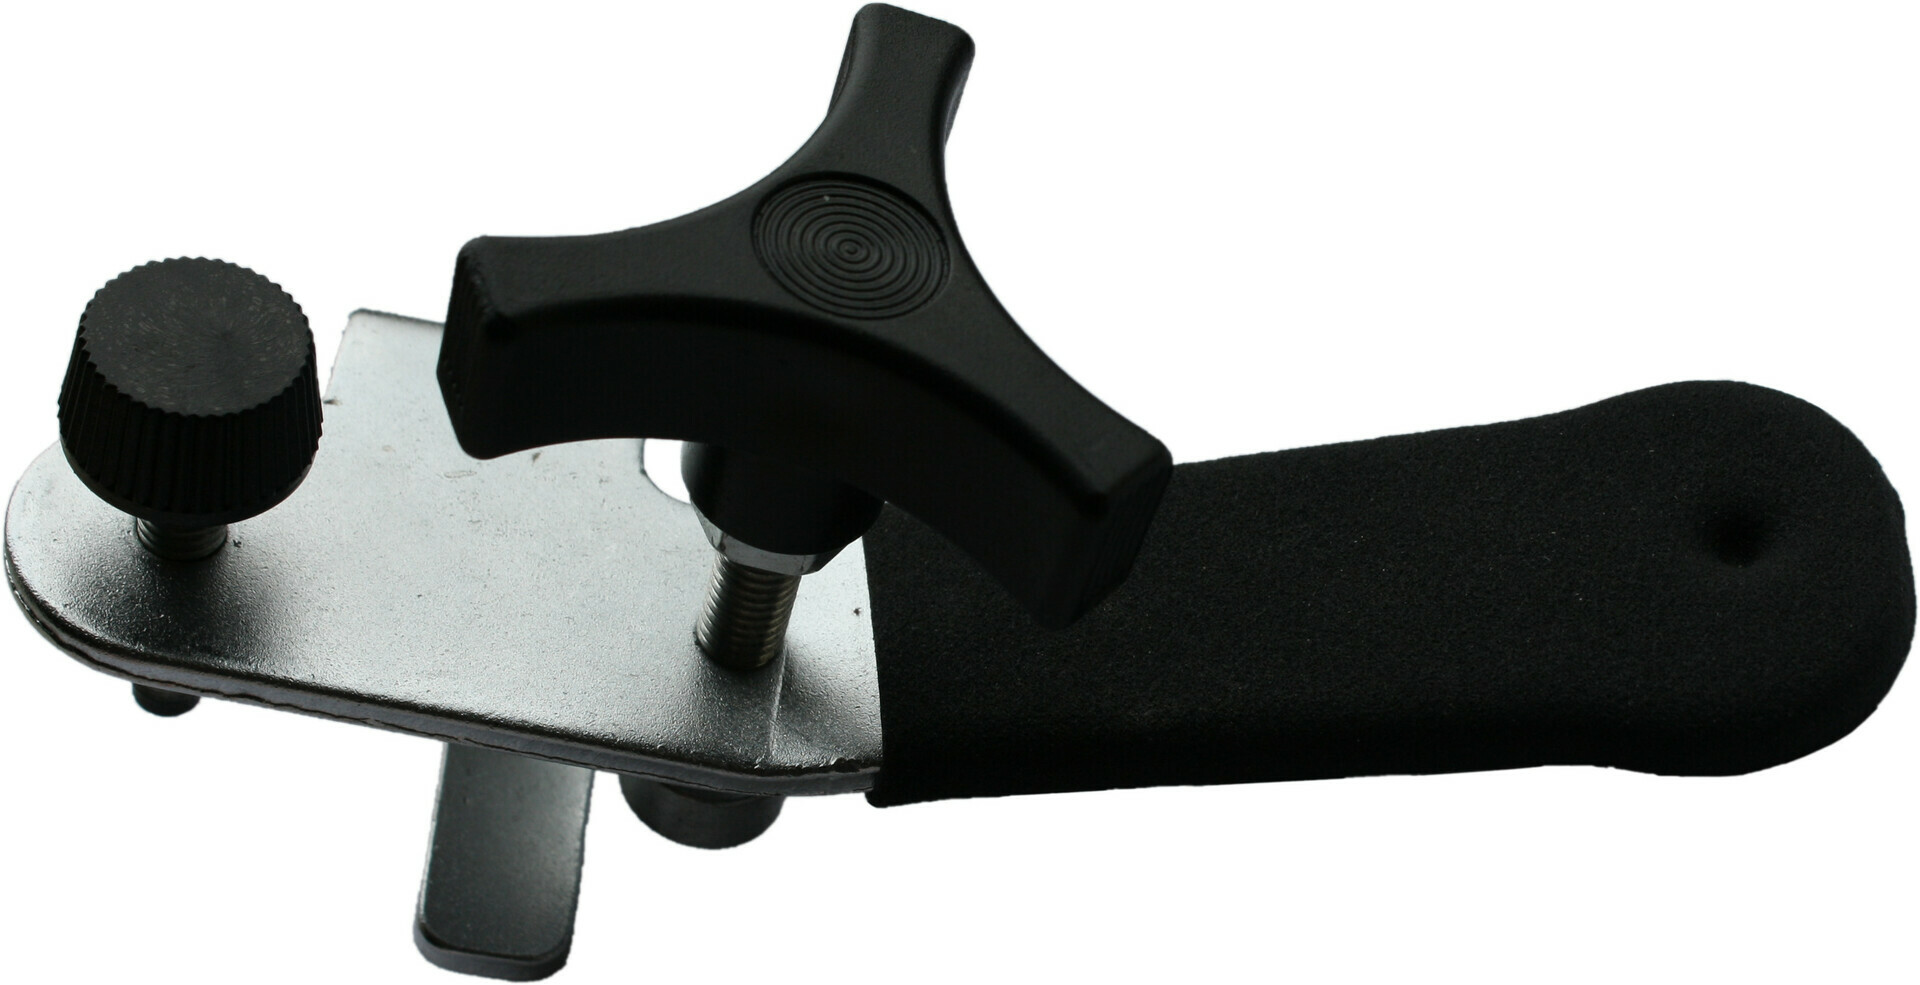 Stahovák stěračů s pákou - QUATROS QS12209